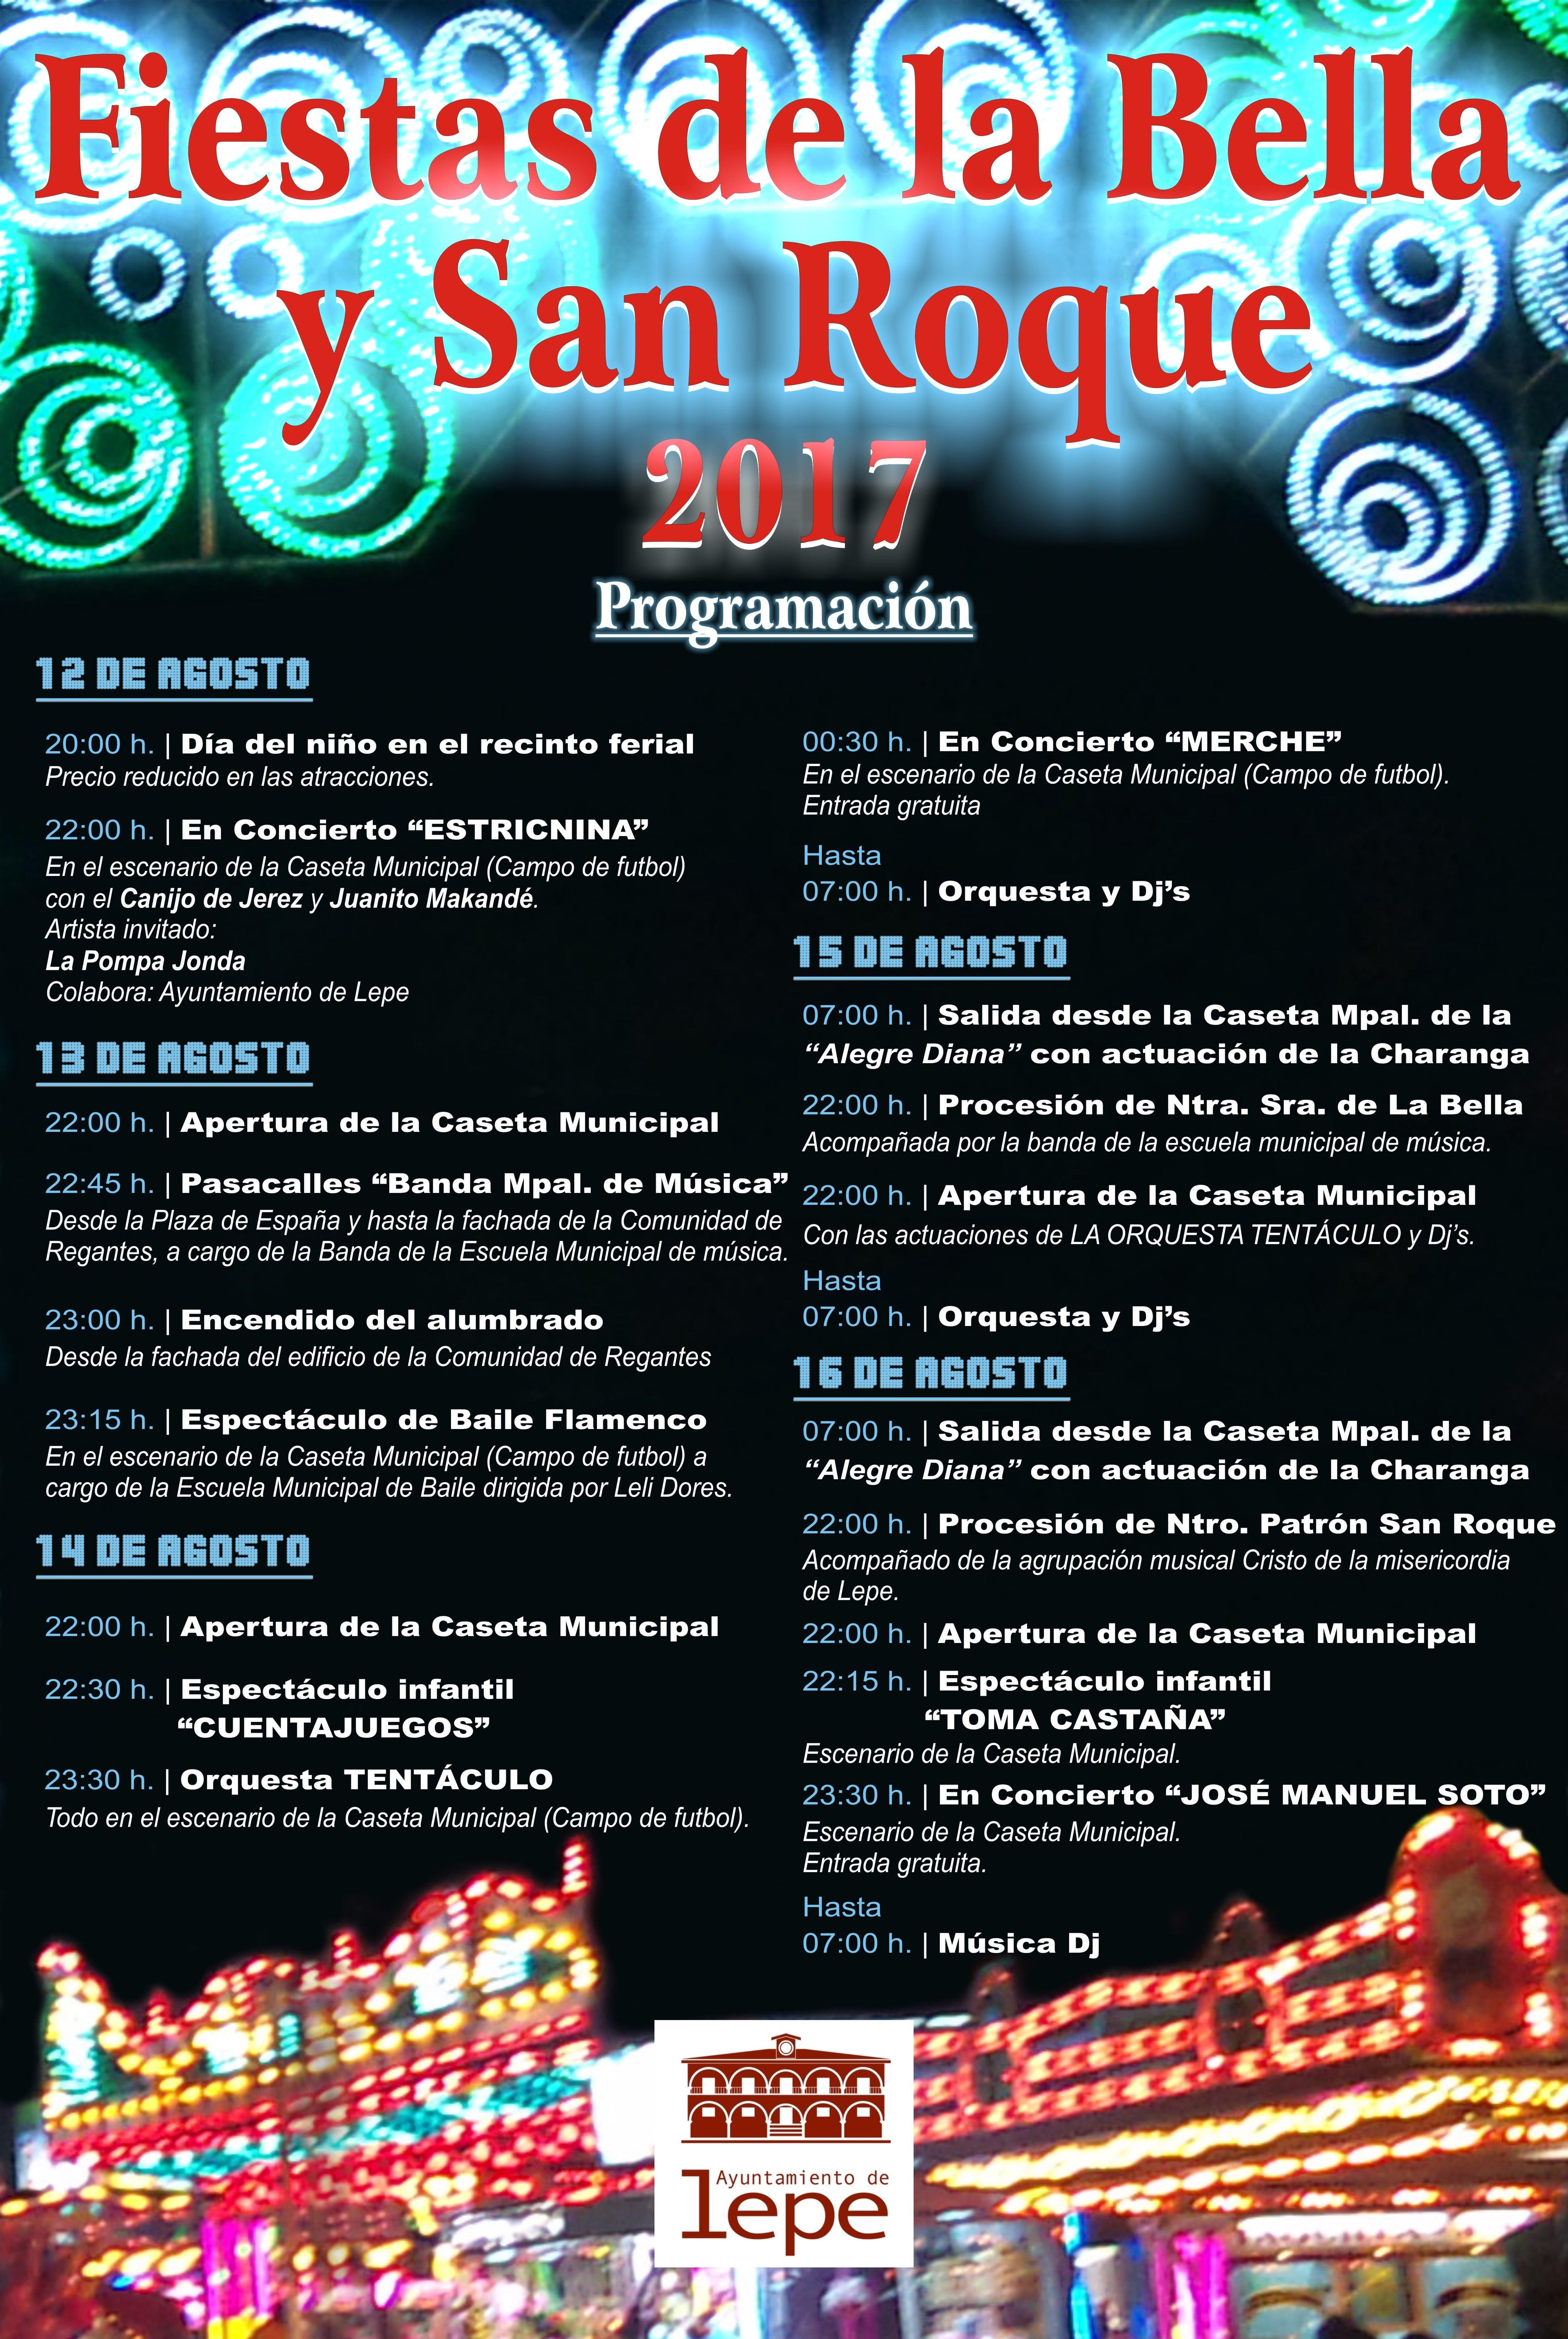 Programación de las Fiestas de la Bella, en Lepe